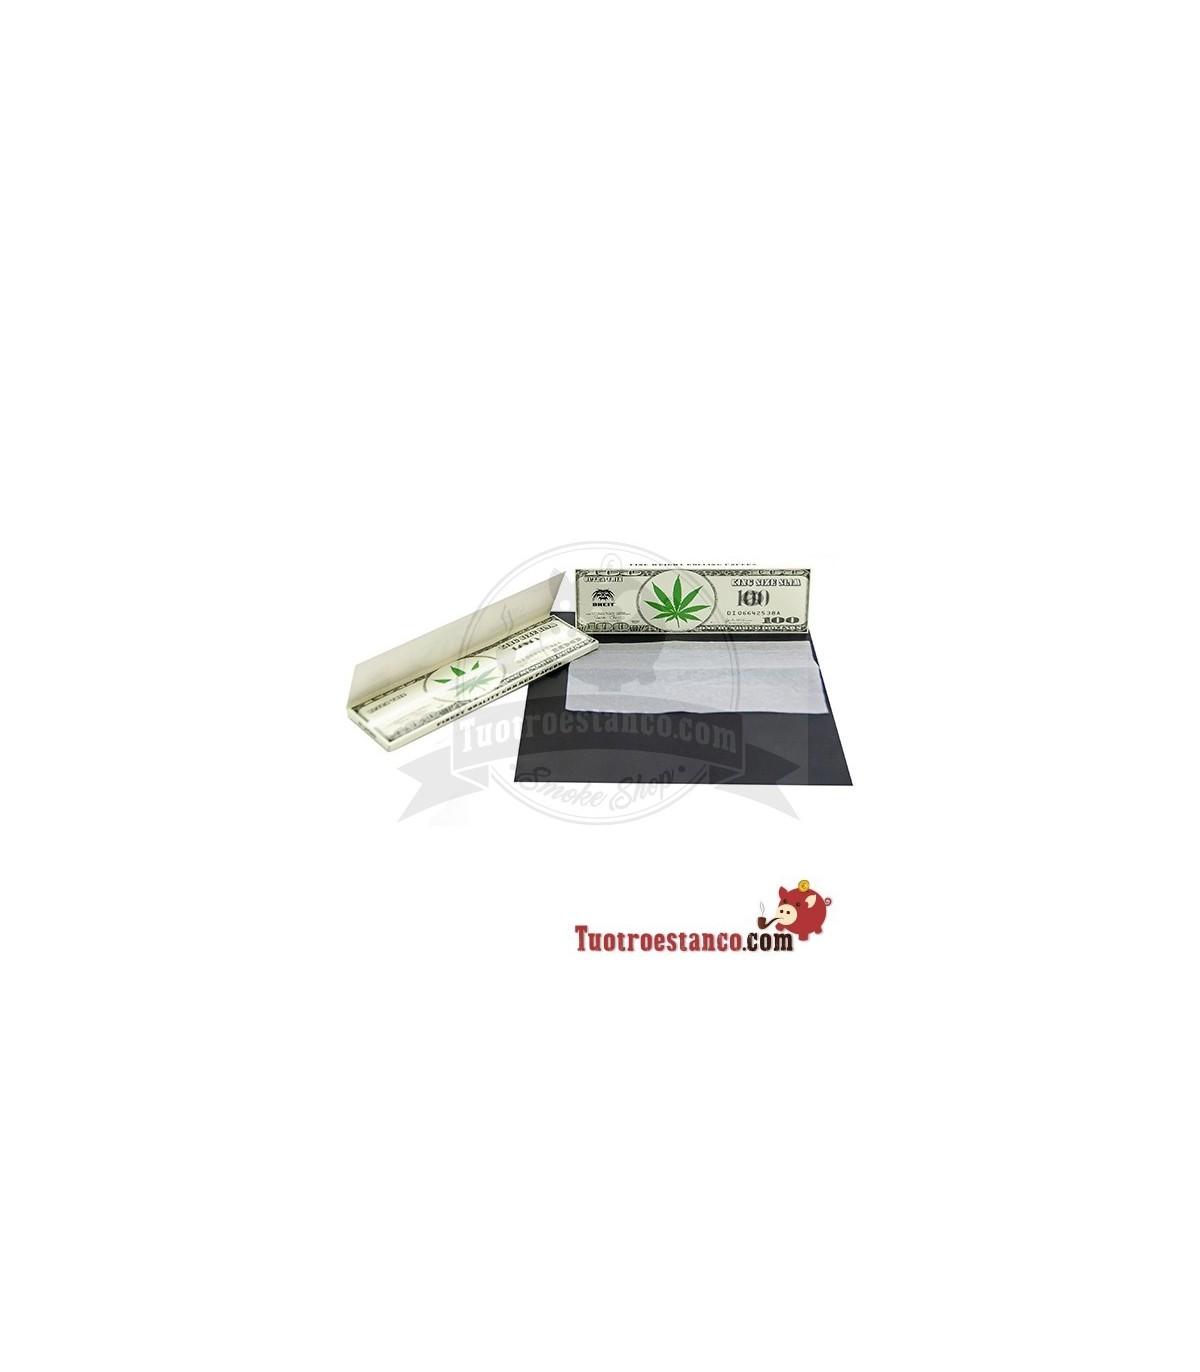 Full Size of Bett Breit Papier Sammlung Dollar King Size Prinzessin Selber Bauen 140x200 Moebel De Betten Günstige Ausklappbares 1 40 Mit Matratze Kinder Komforthöhe Bett Bett 1.20 Breit